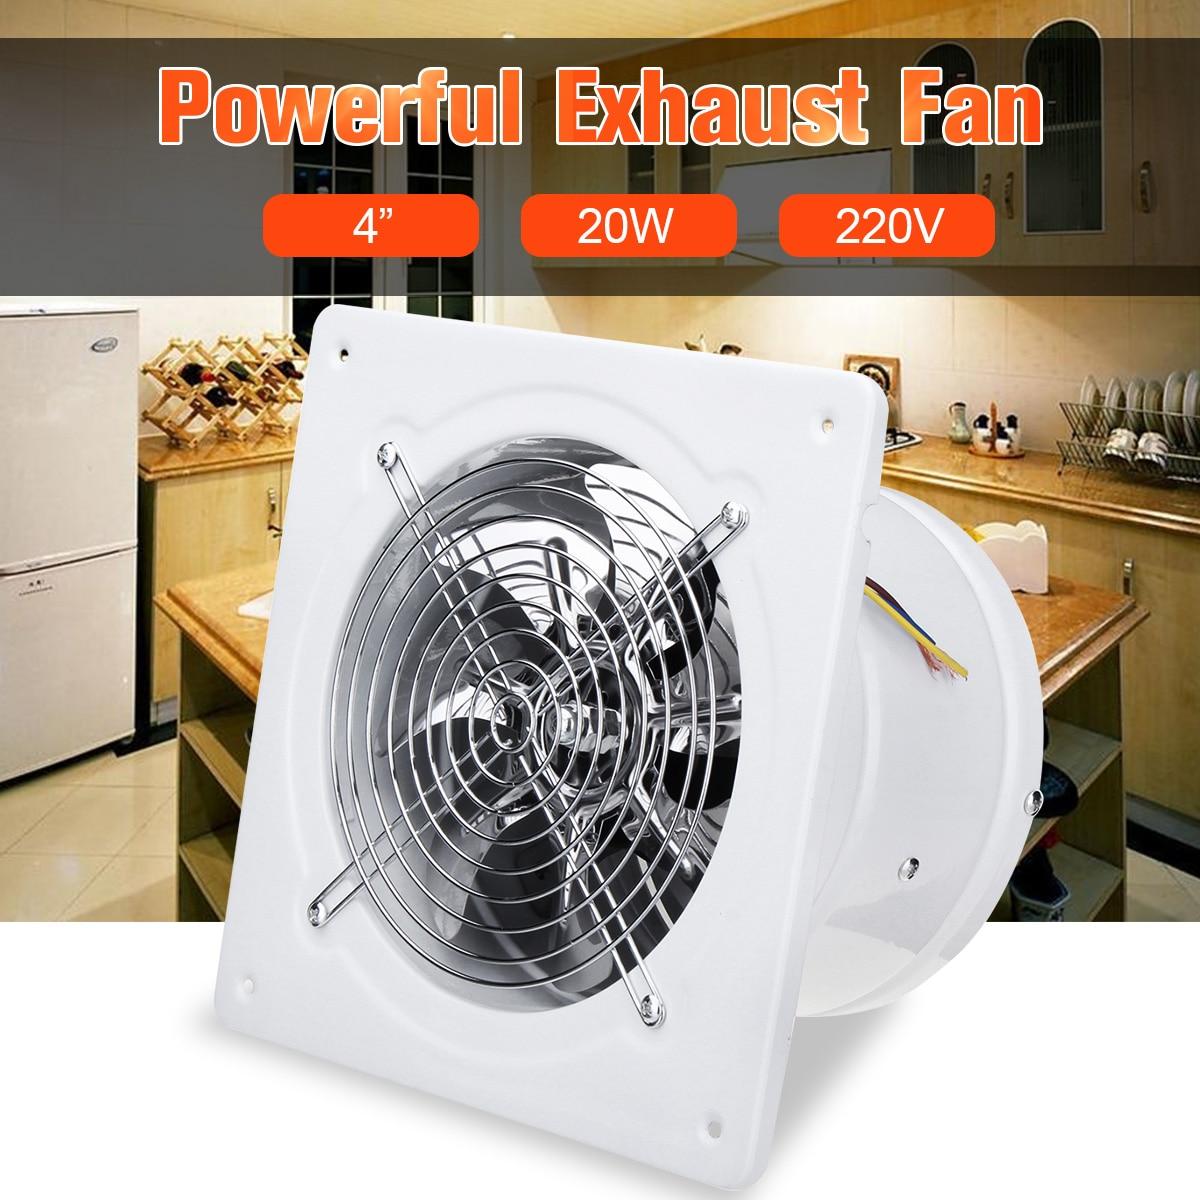 4 zoll 20 watt 220 v Hohe Geschwindigkeit Auspuff Fan Wc Küche Bad Hängen Wand Fenster Glas Kleine Ventilator Extractor auspuff Fans